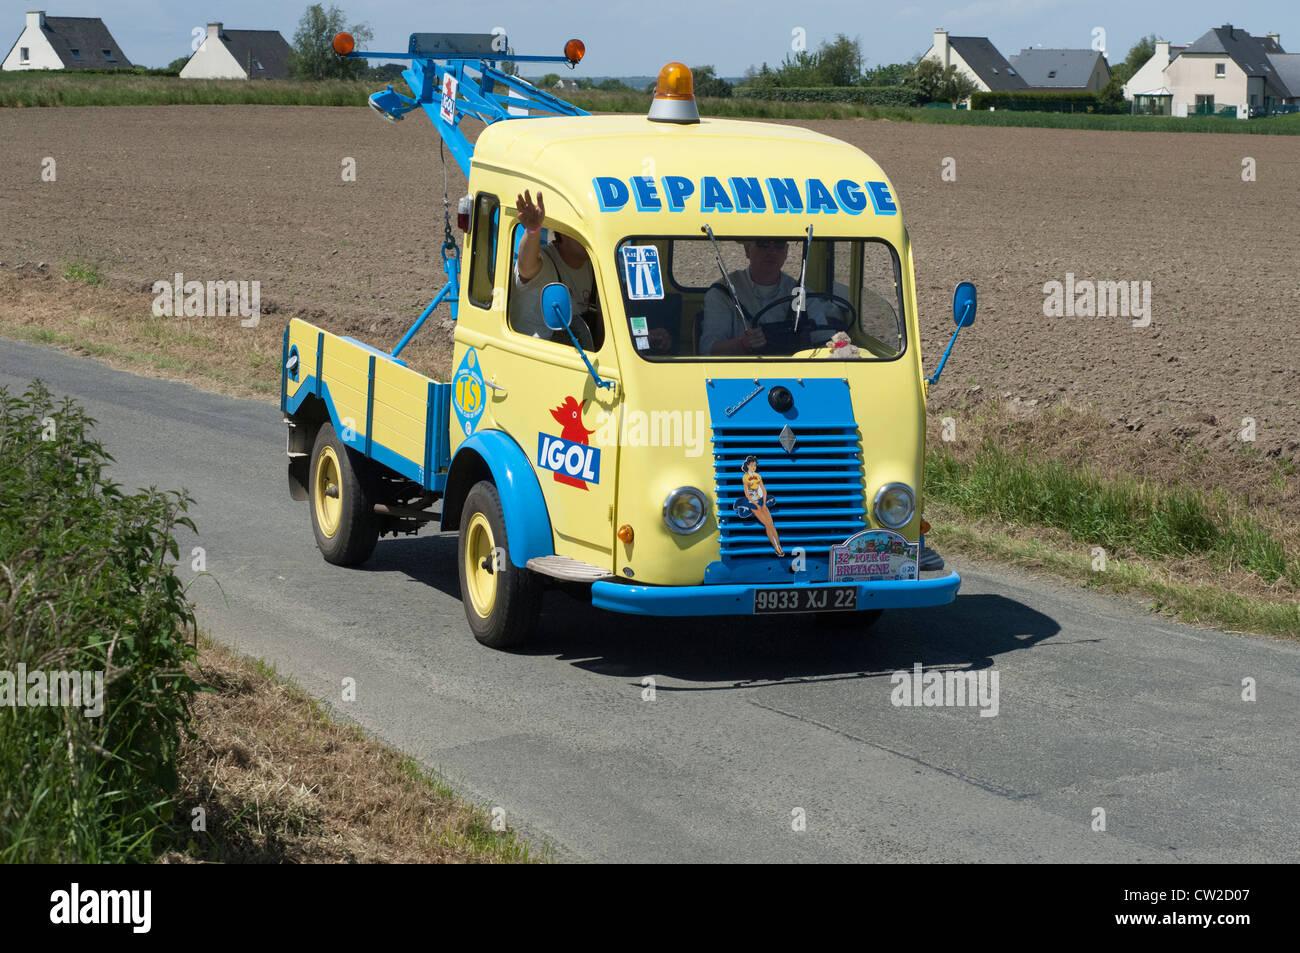 Renault goelette depanneuse 2026 of 1952 in the tour de - Depanneuse cars ...